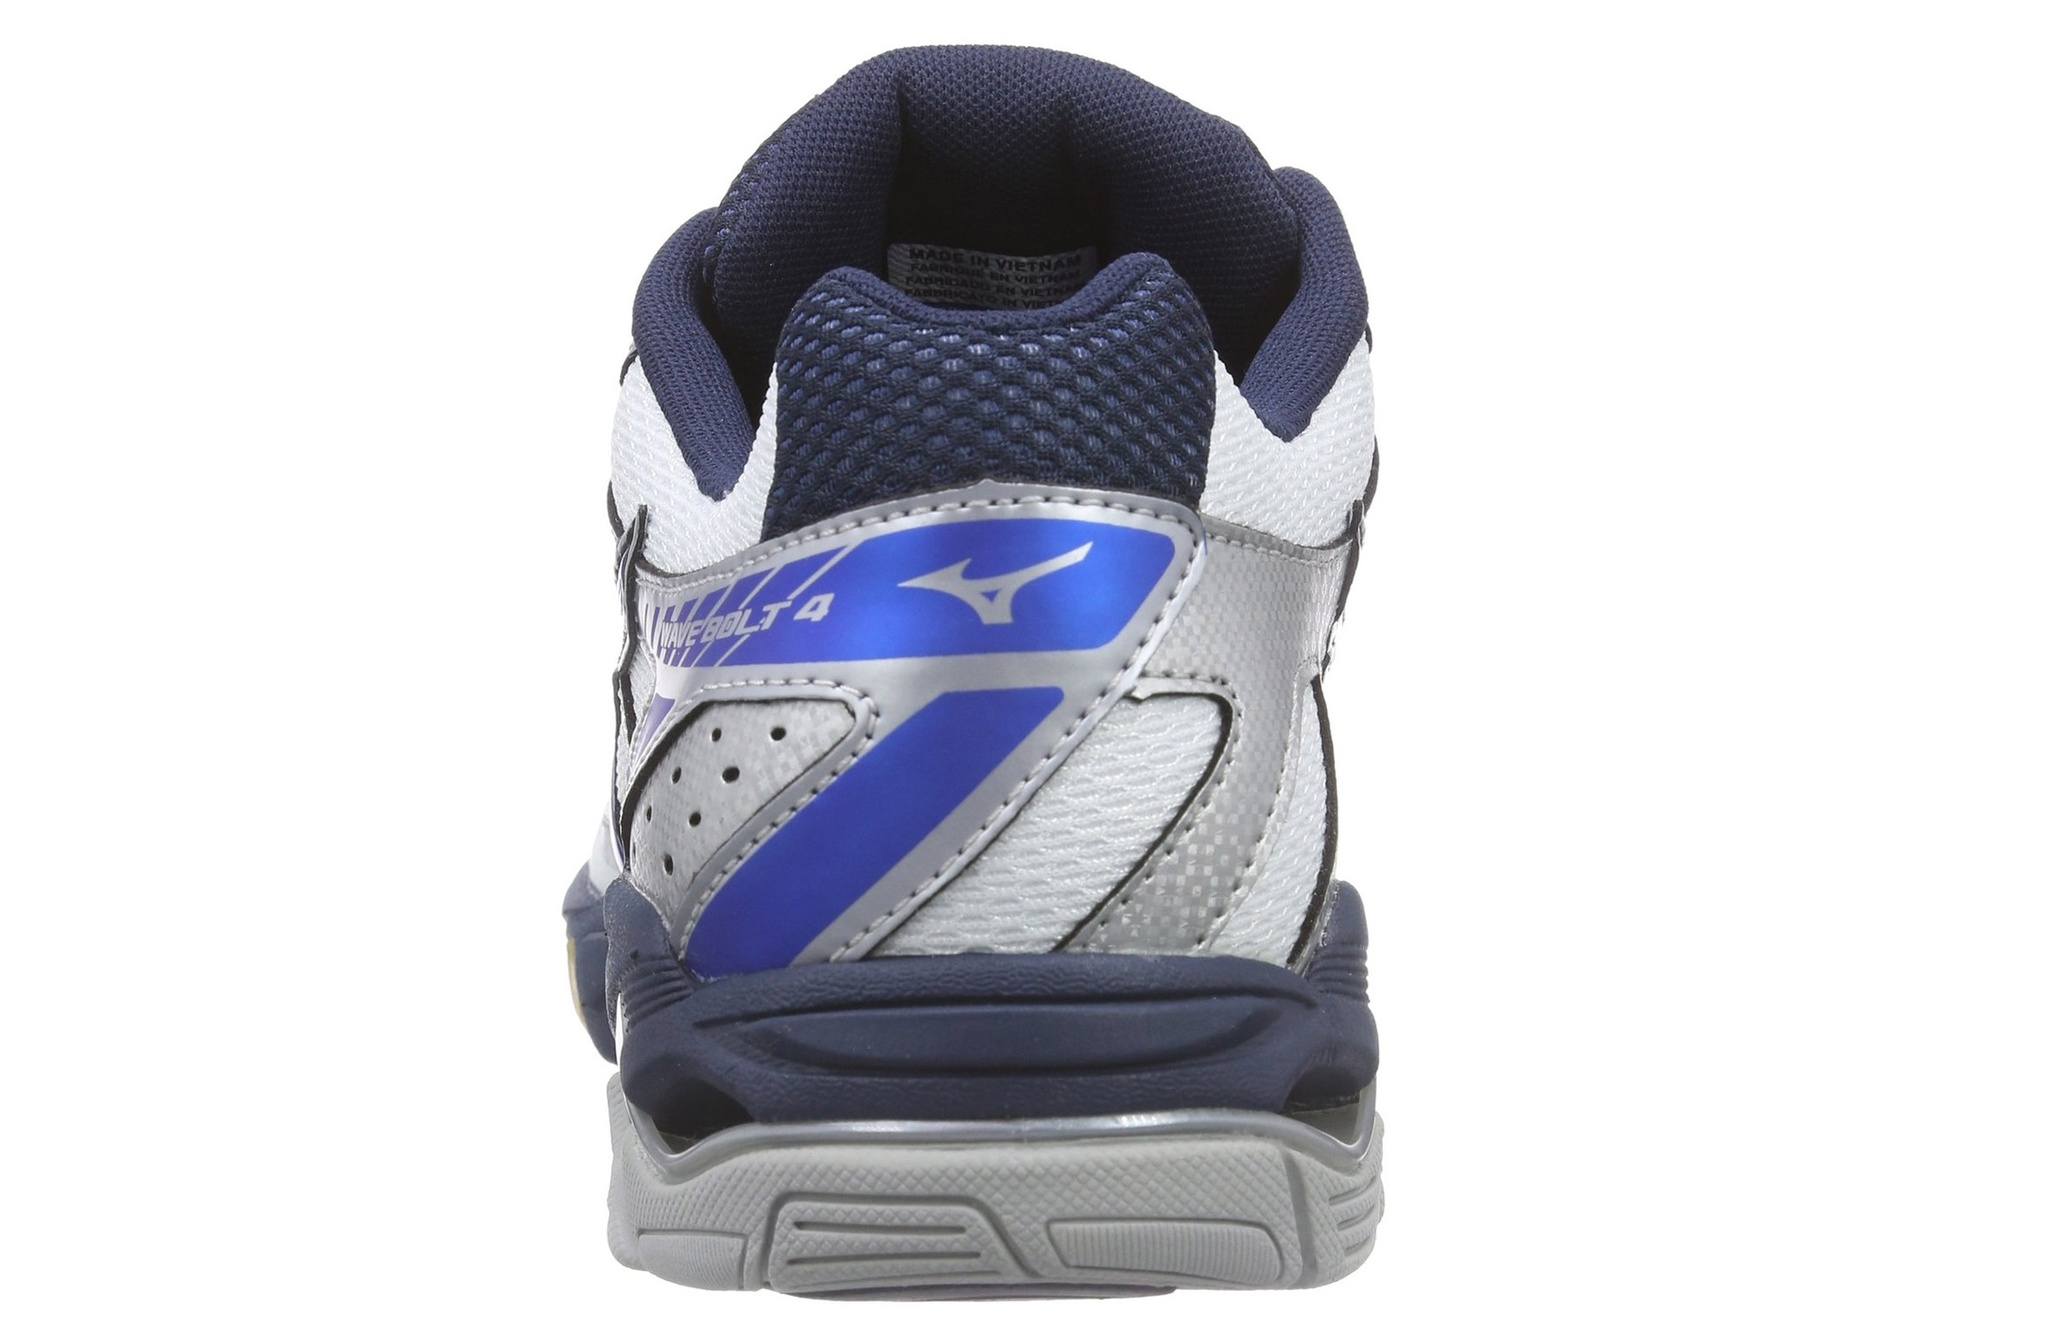 Мужские кроссовки для волейбола Mizuno Wave Bolt 4 (V1GA1560 24) синие фото